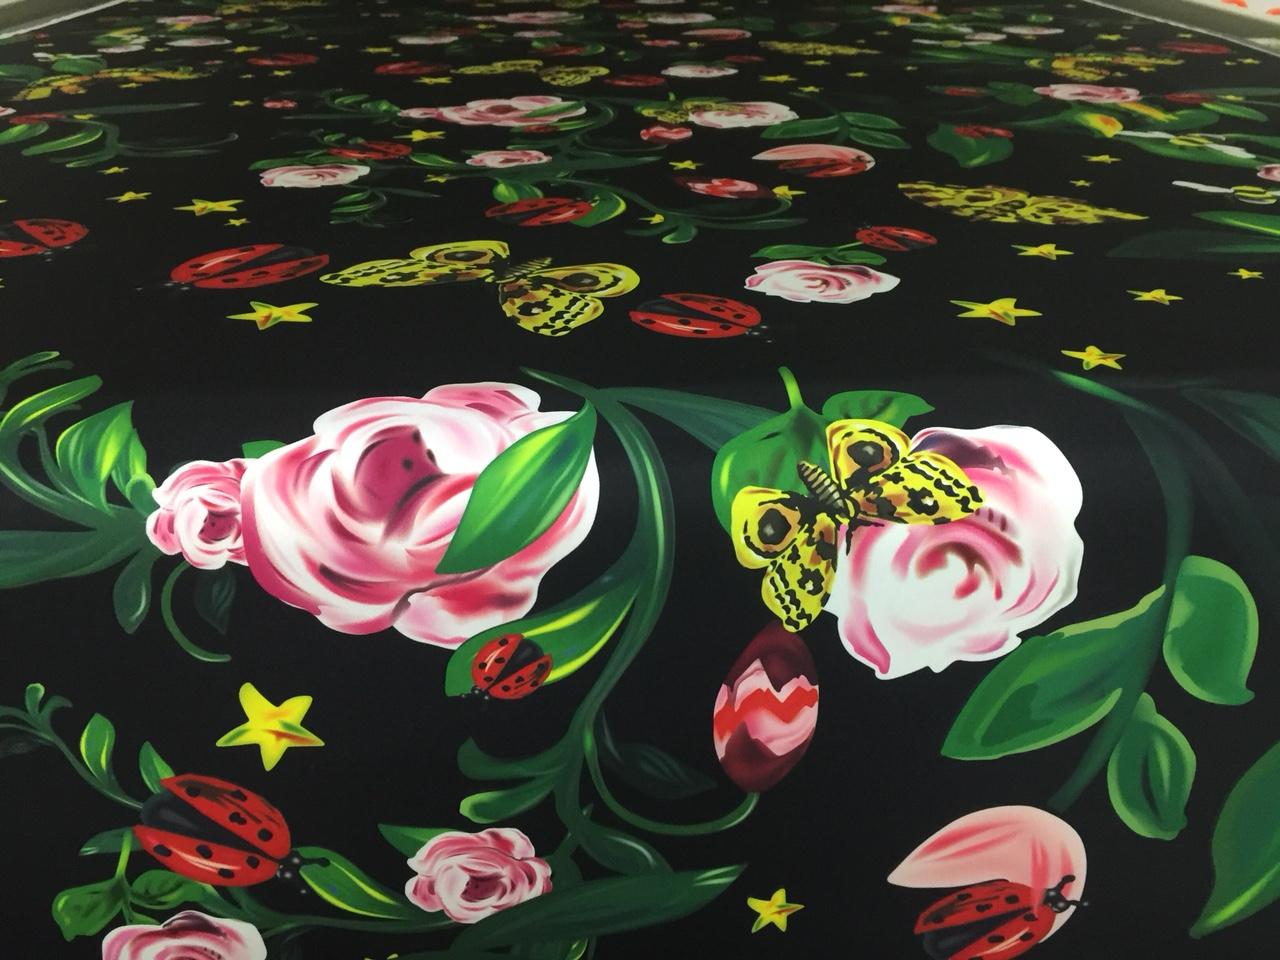 Thiết kế in vải hoa may chân váy, may váy đầm giá hấp dẫn ở Hà Nội